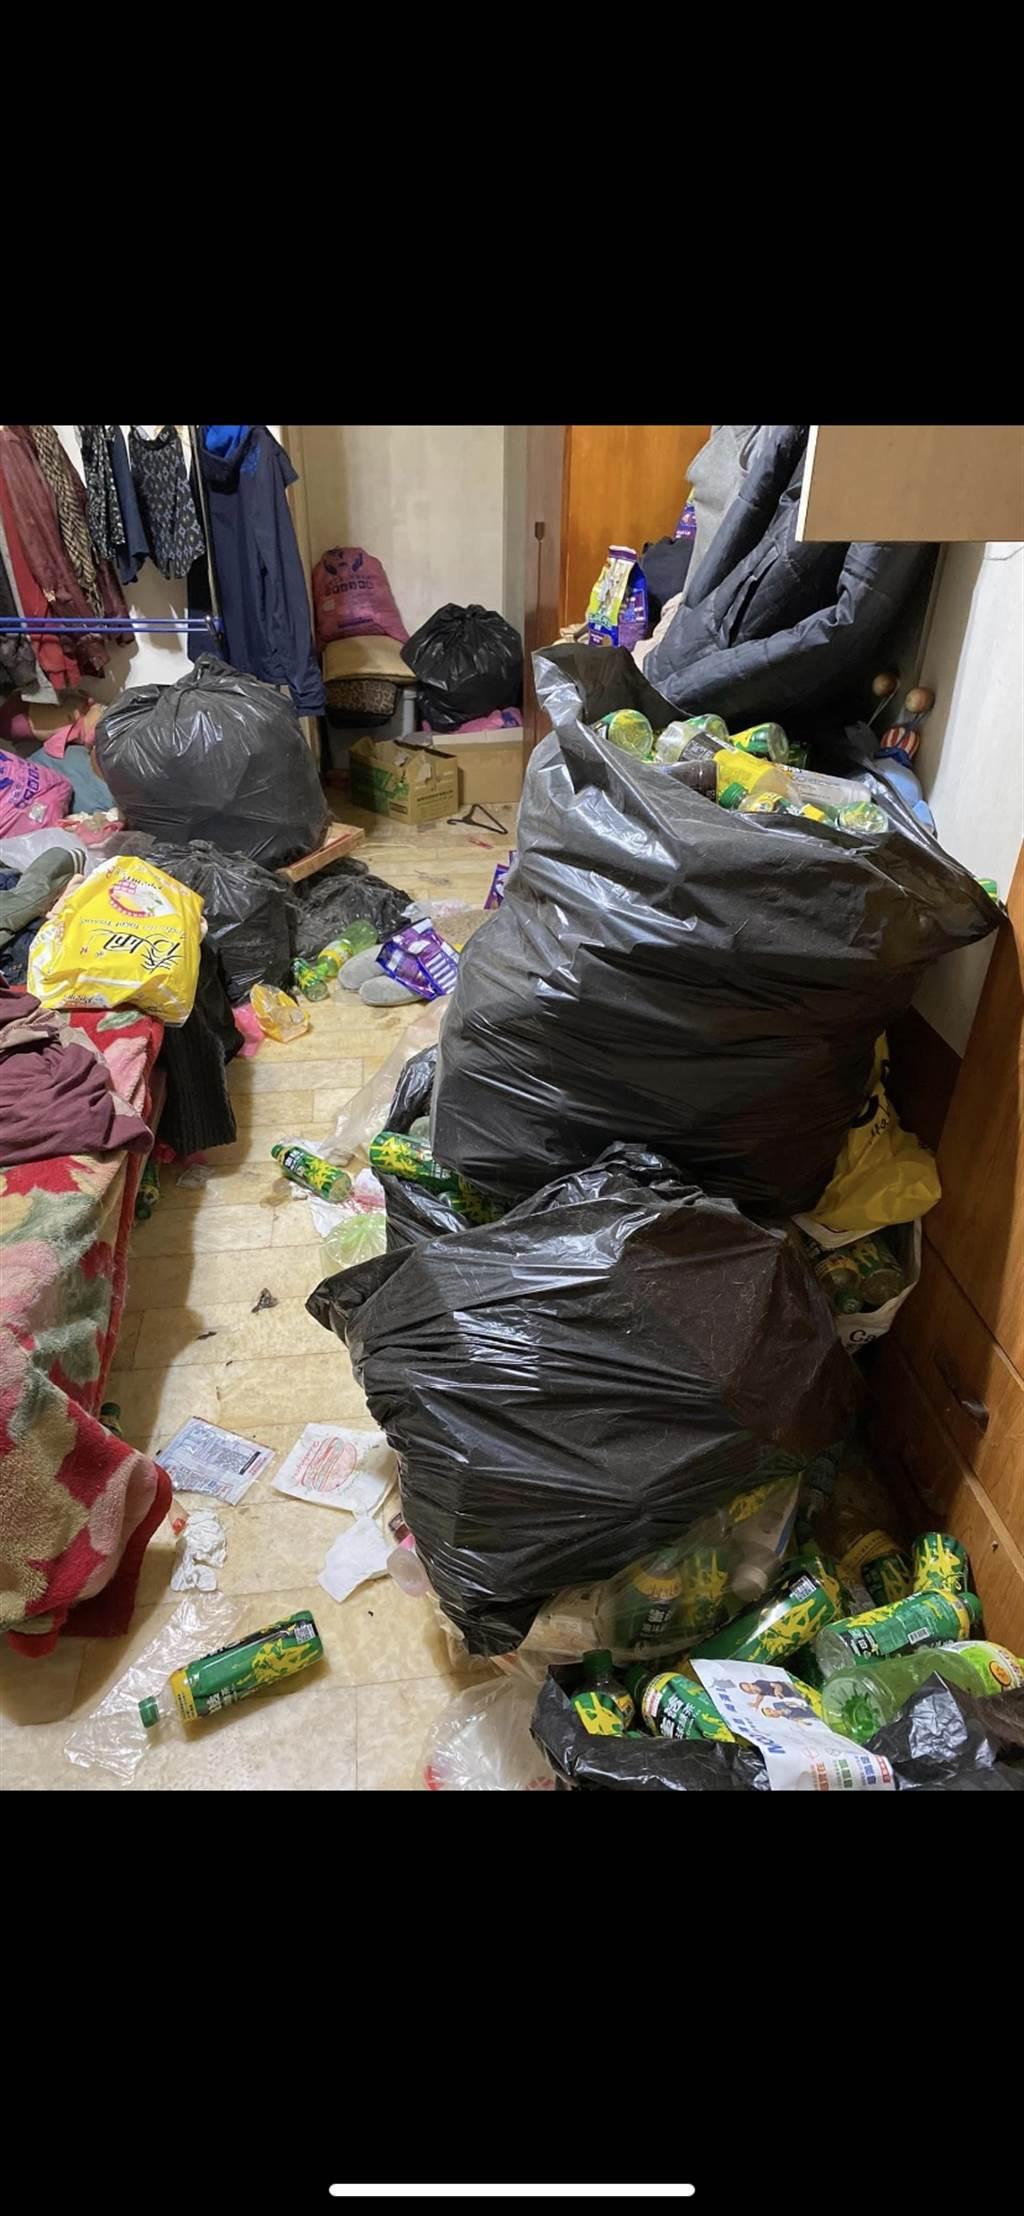 佈滿垃圾的環境讓網友大崩潰(圖取自臉書 爆廢公社)